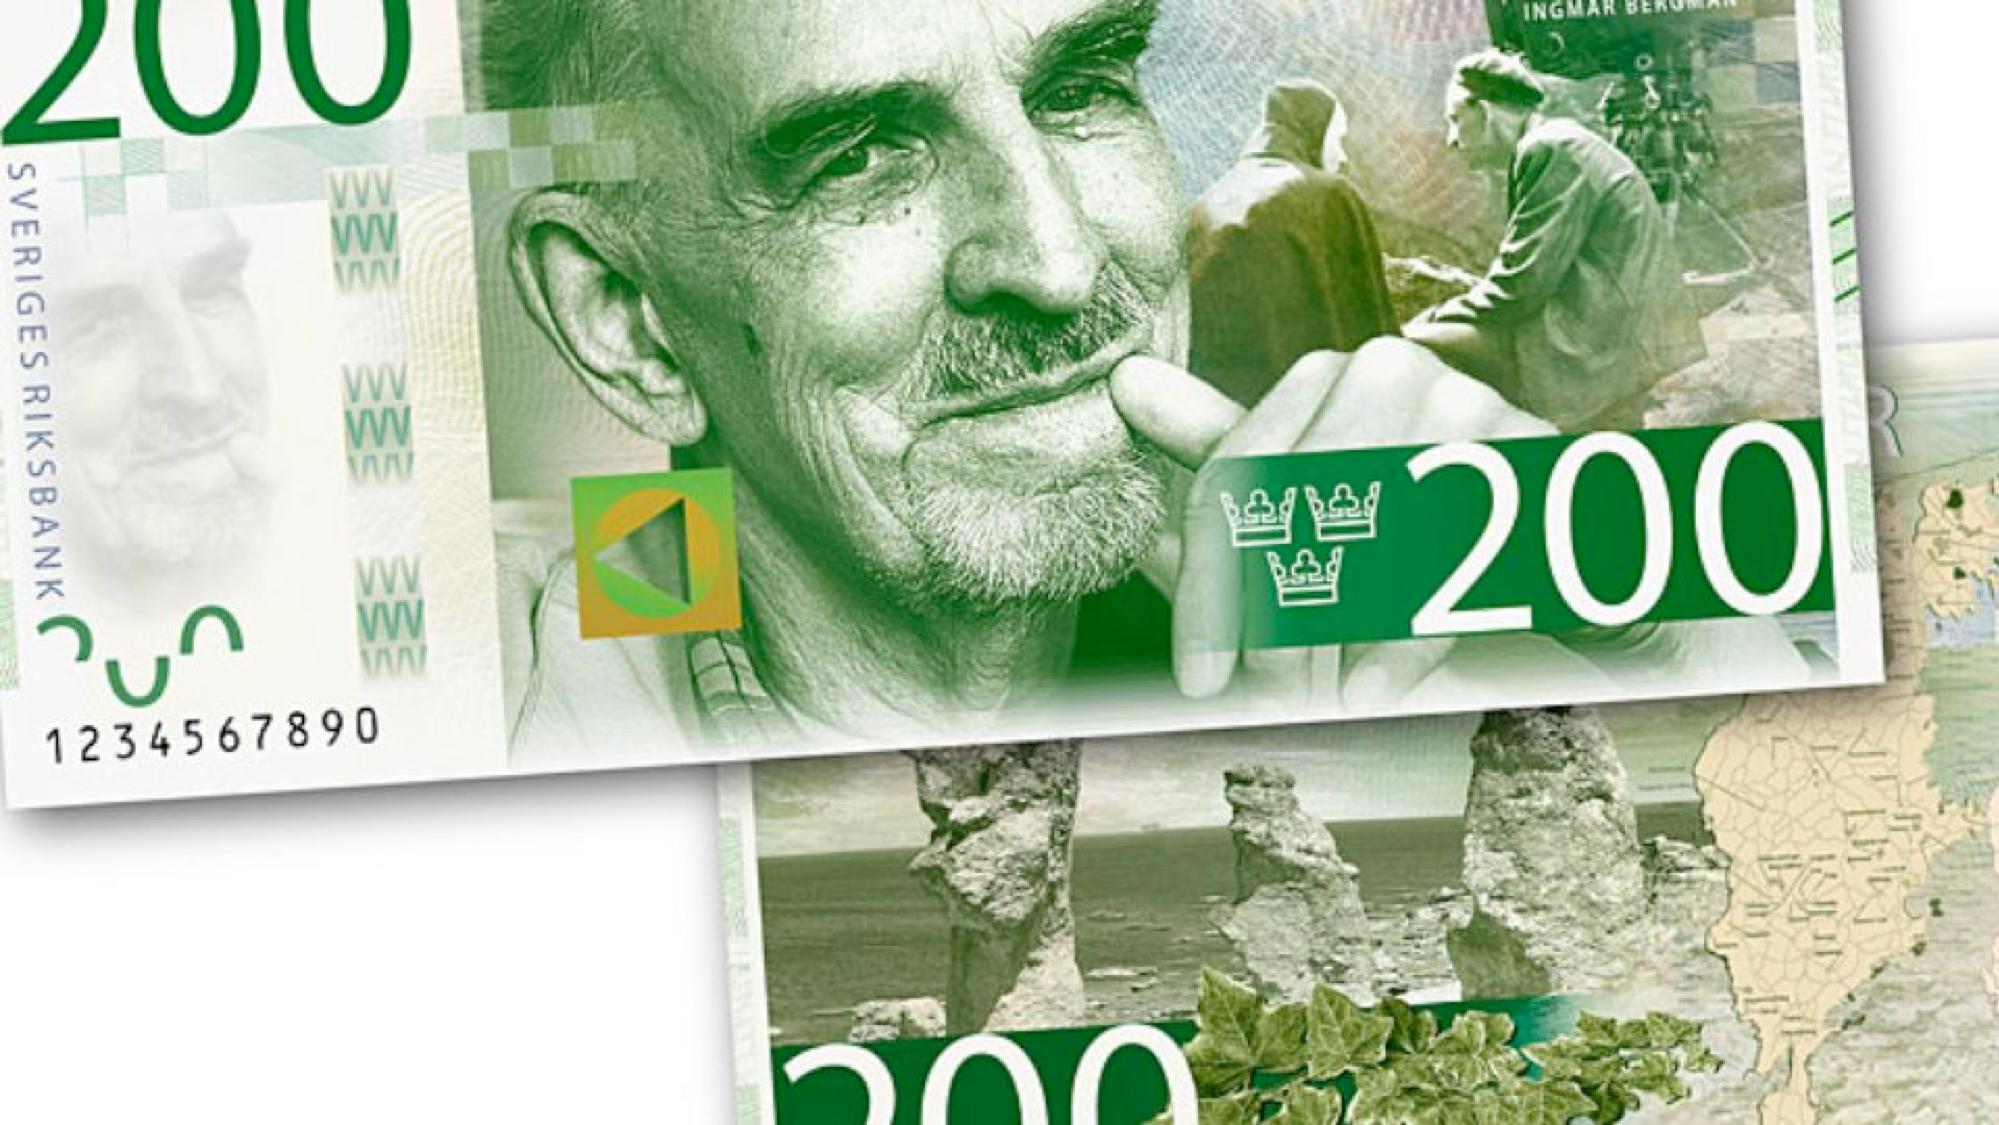 Fig. 5: Ingmar Bergmann auf Schwedens neuem 200-Kronen-Schein (ab 2015)